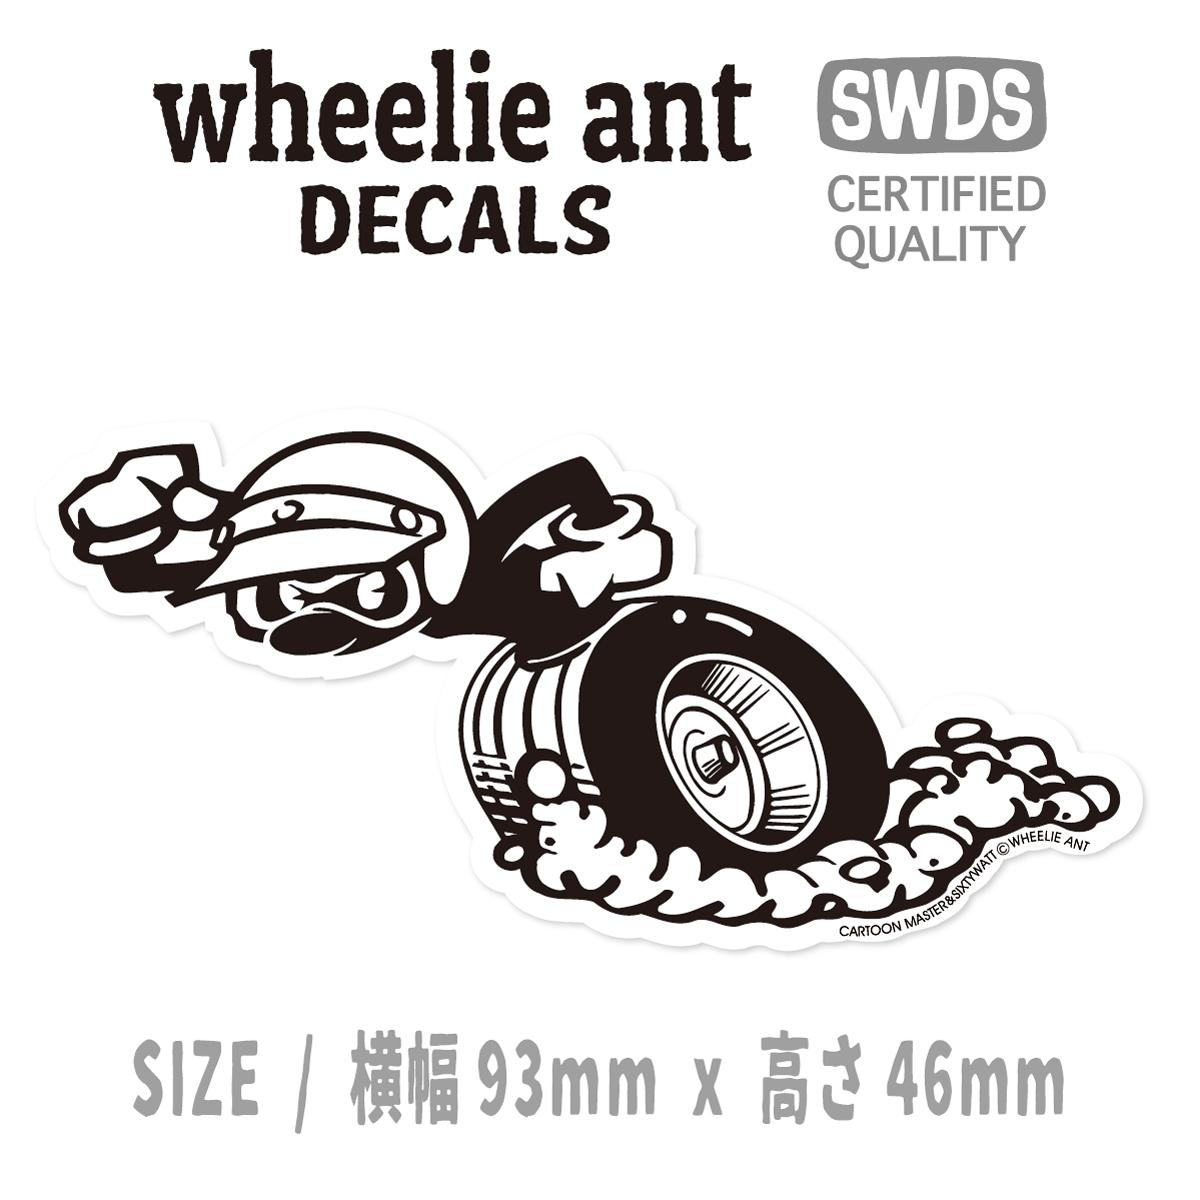 WHEELIE ANT